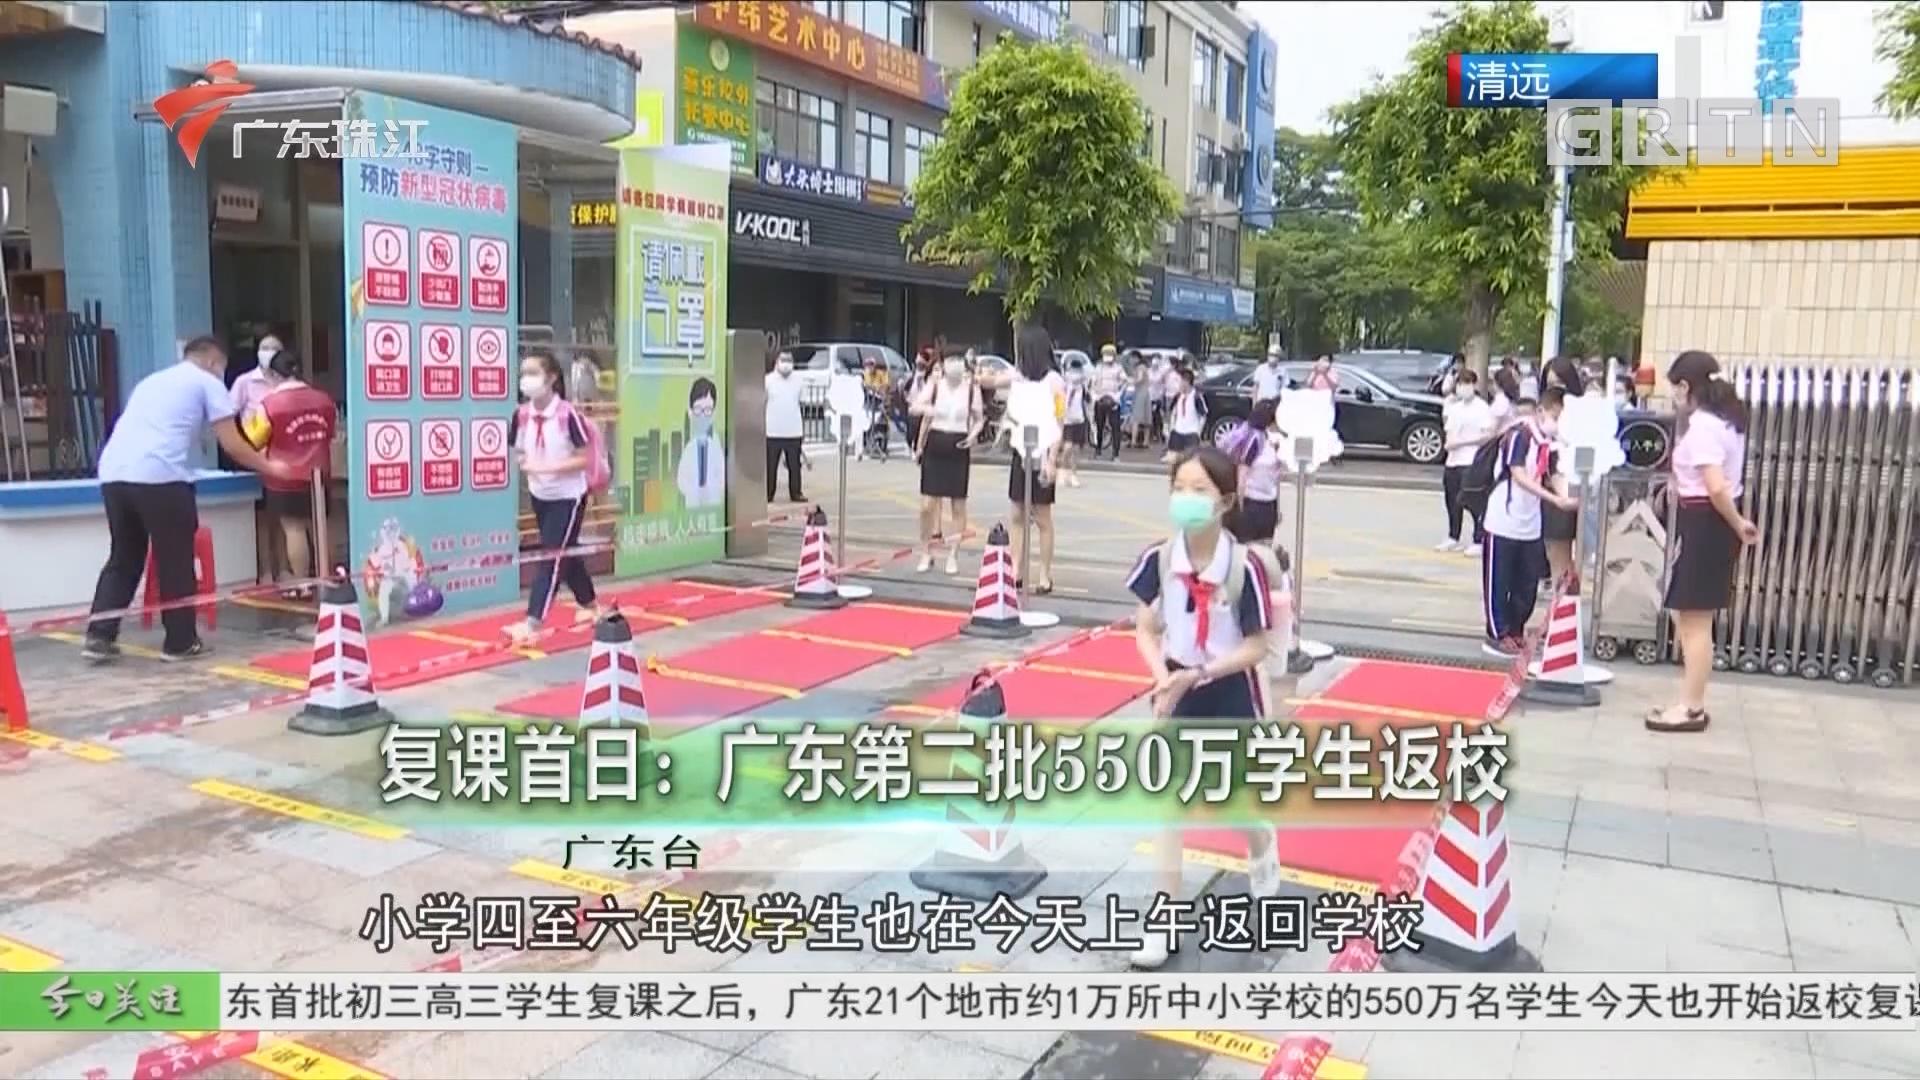 復課首日:廣東第二批550萬學生返校